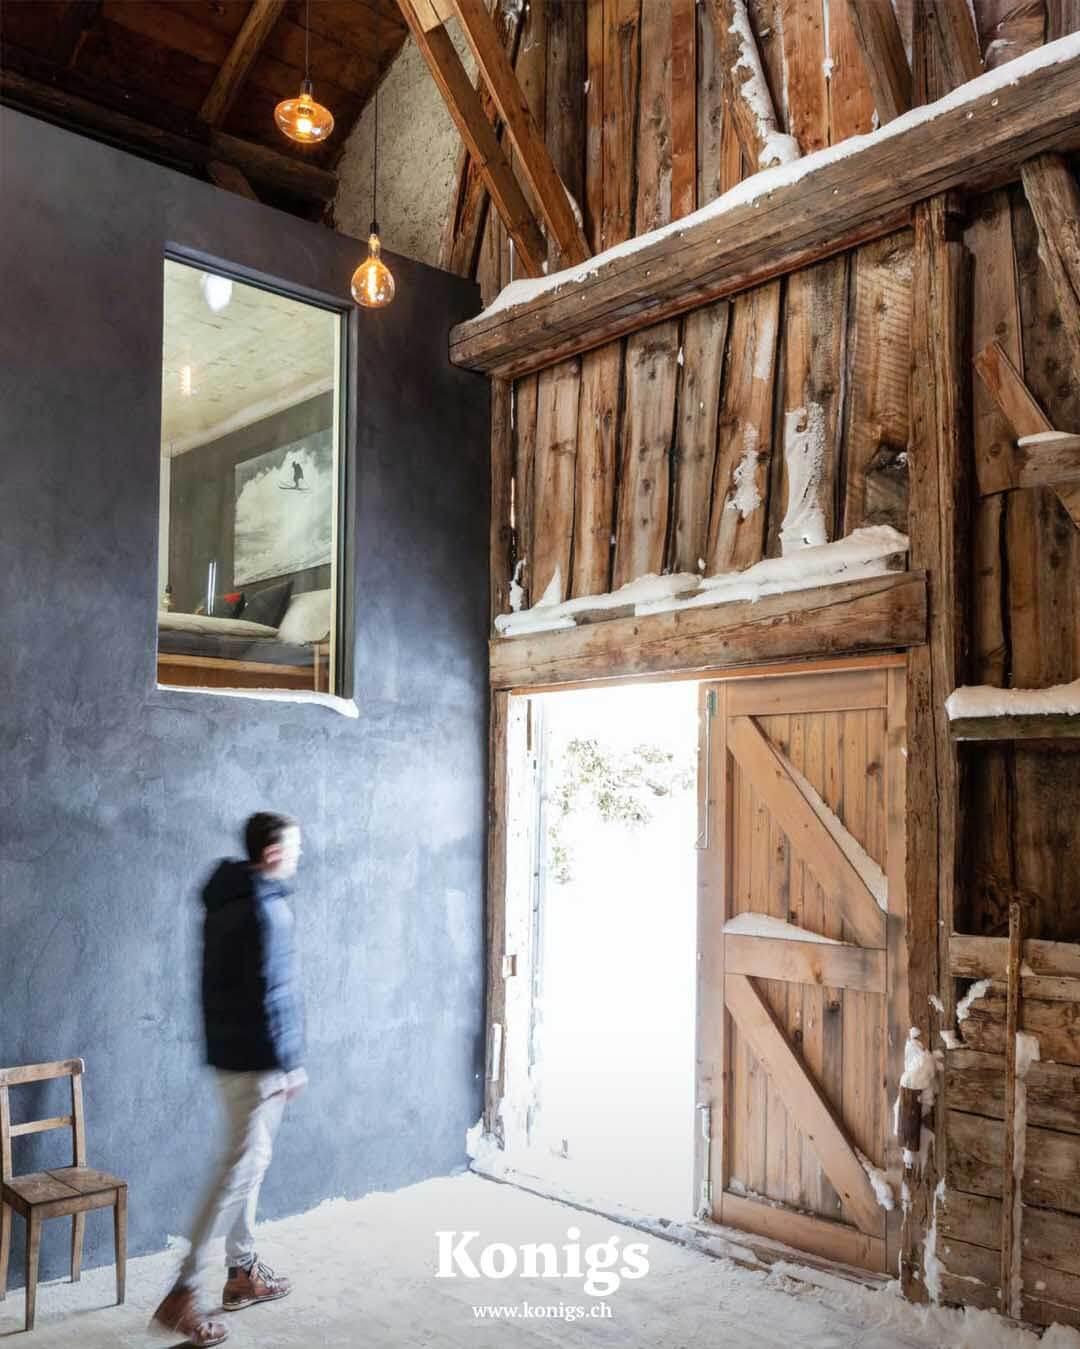 maiensaess-schoener-wohnen-interior-2